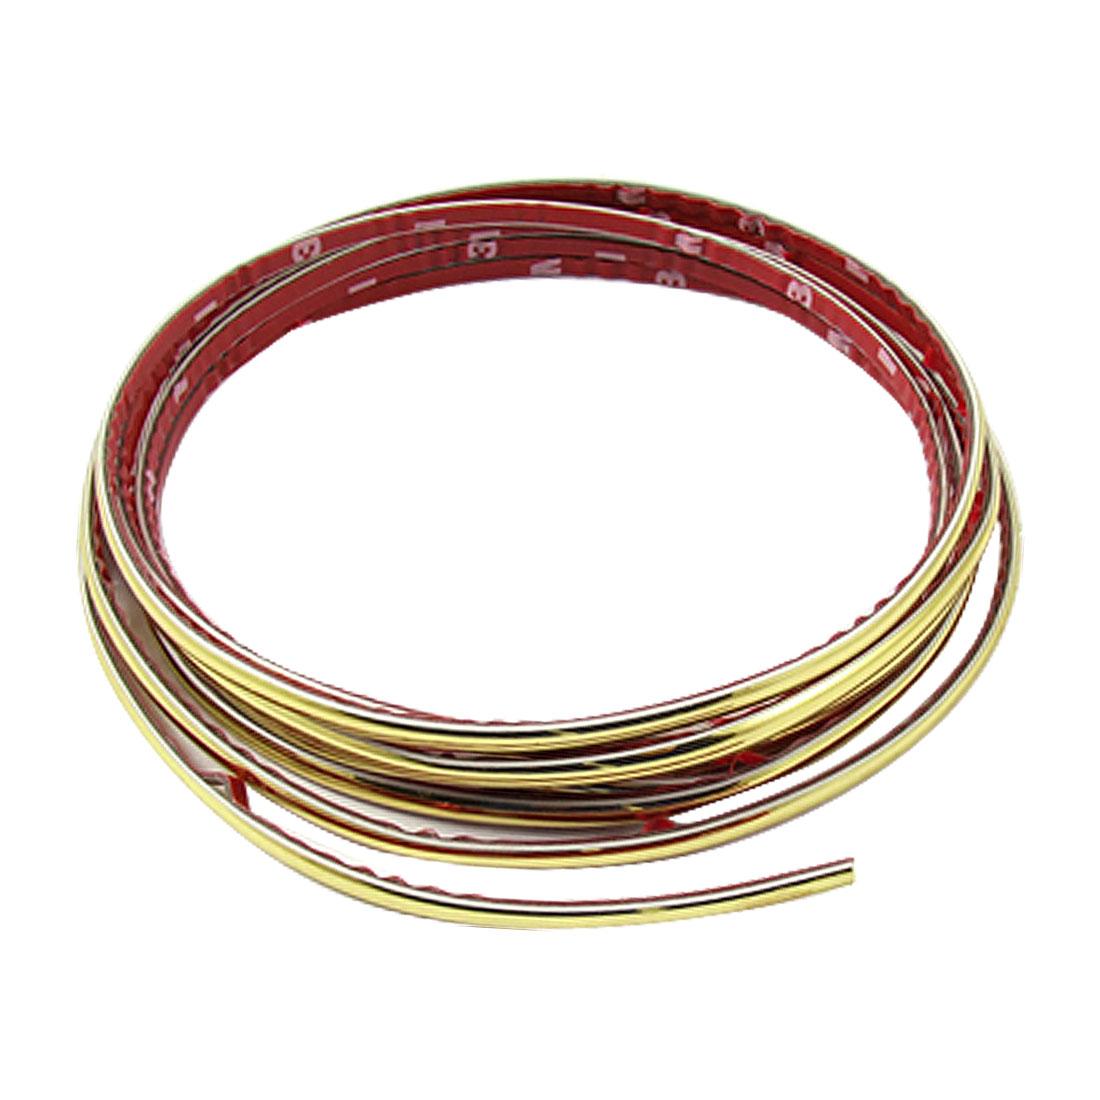 4mm Width 5M Length Soft Plastic Auto Car Moulding Trim Strip Gold Tone